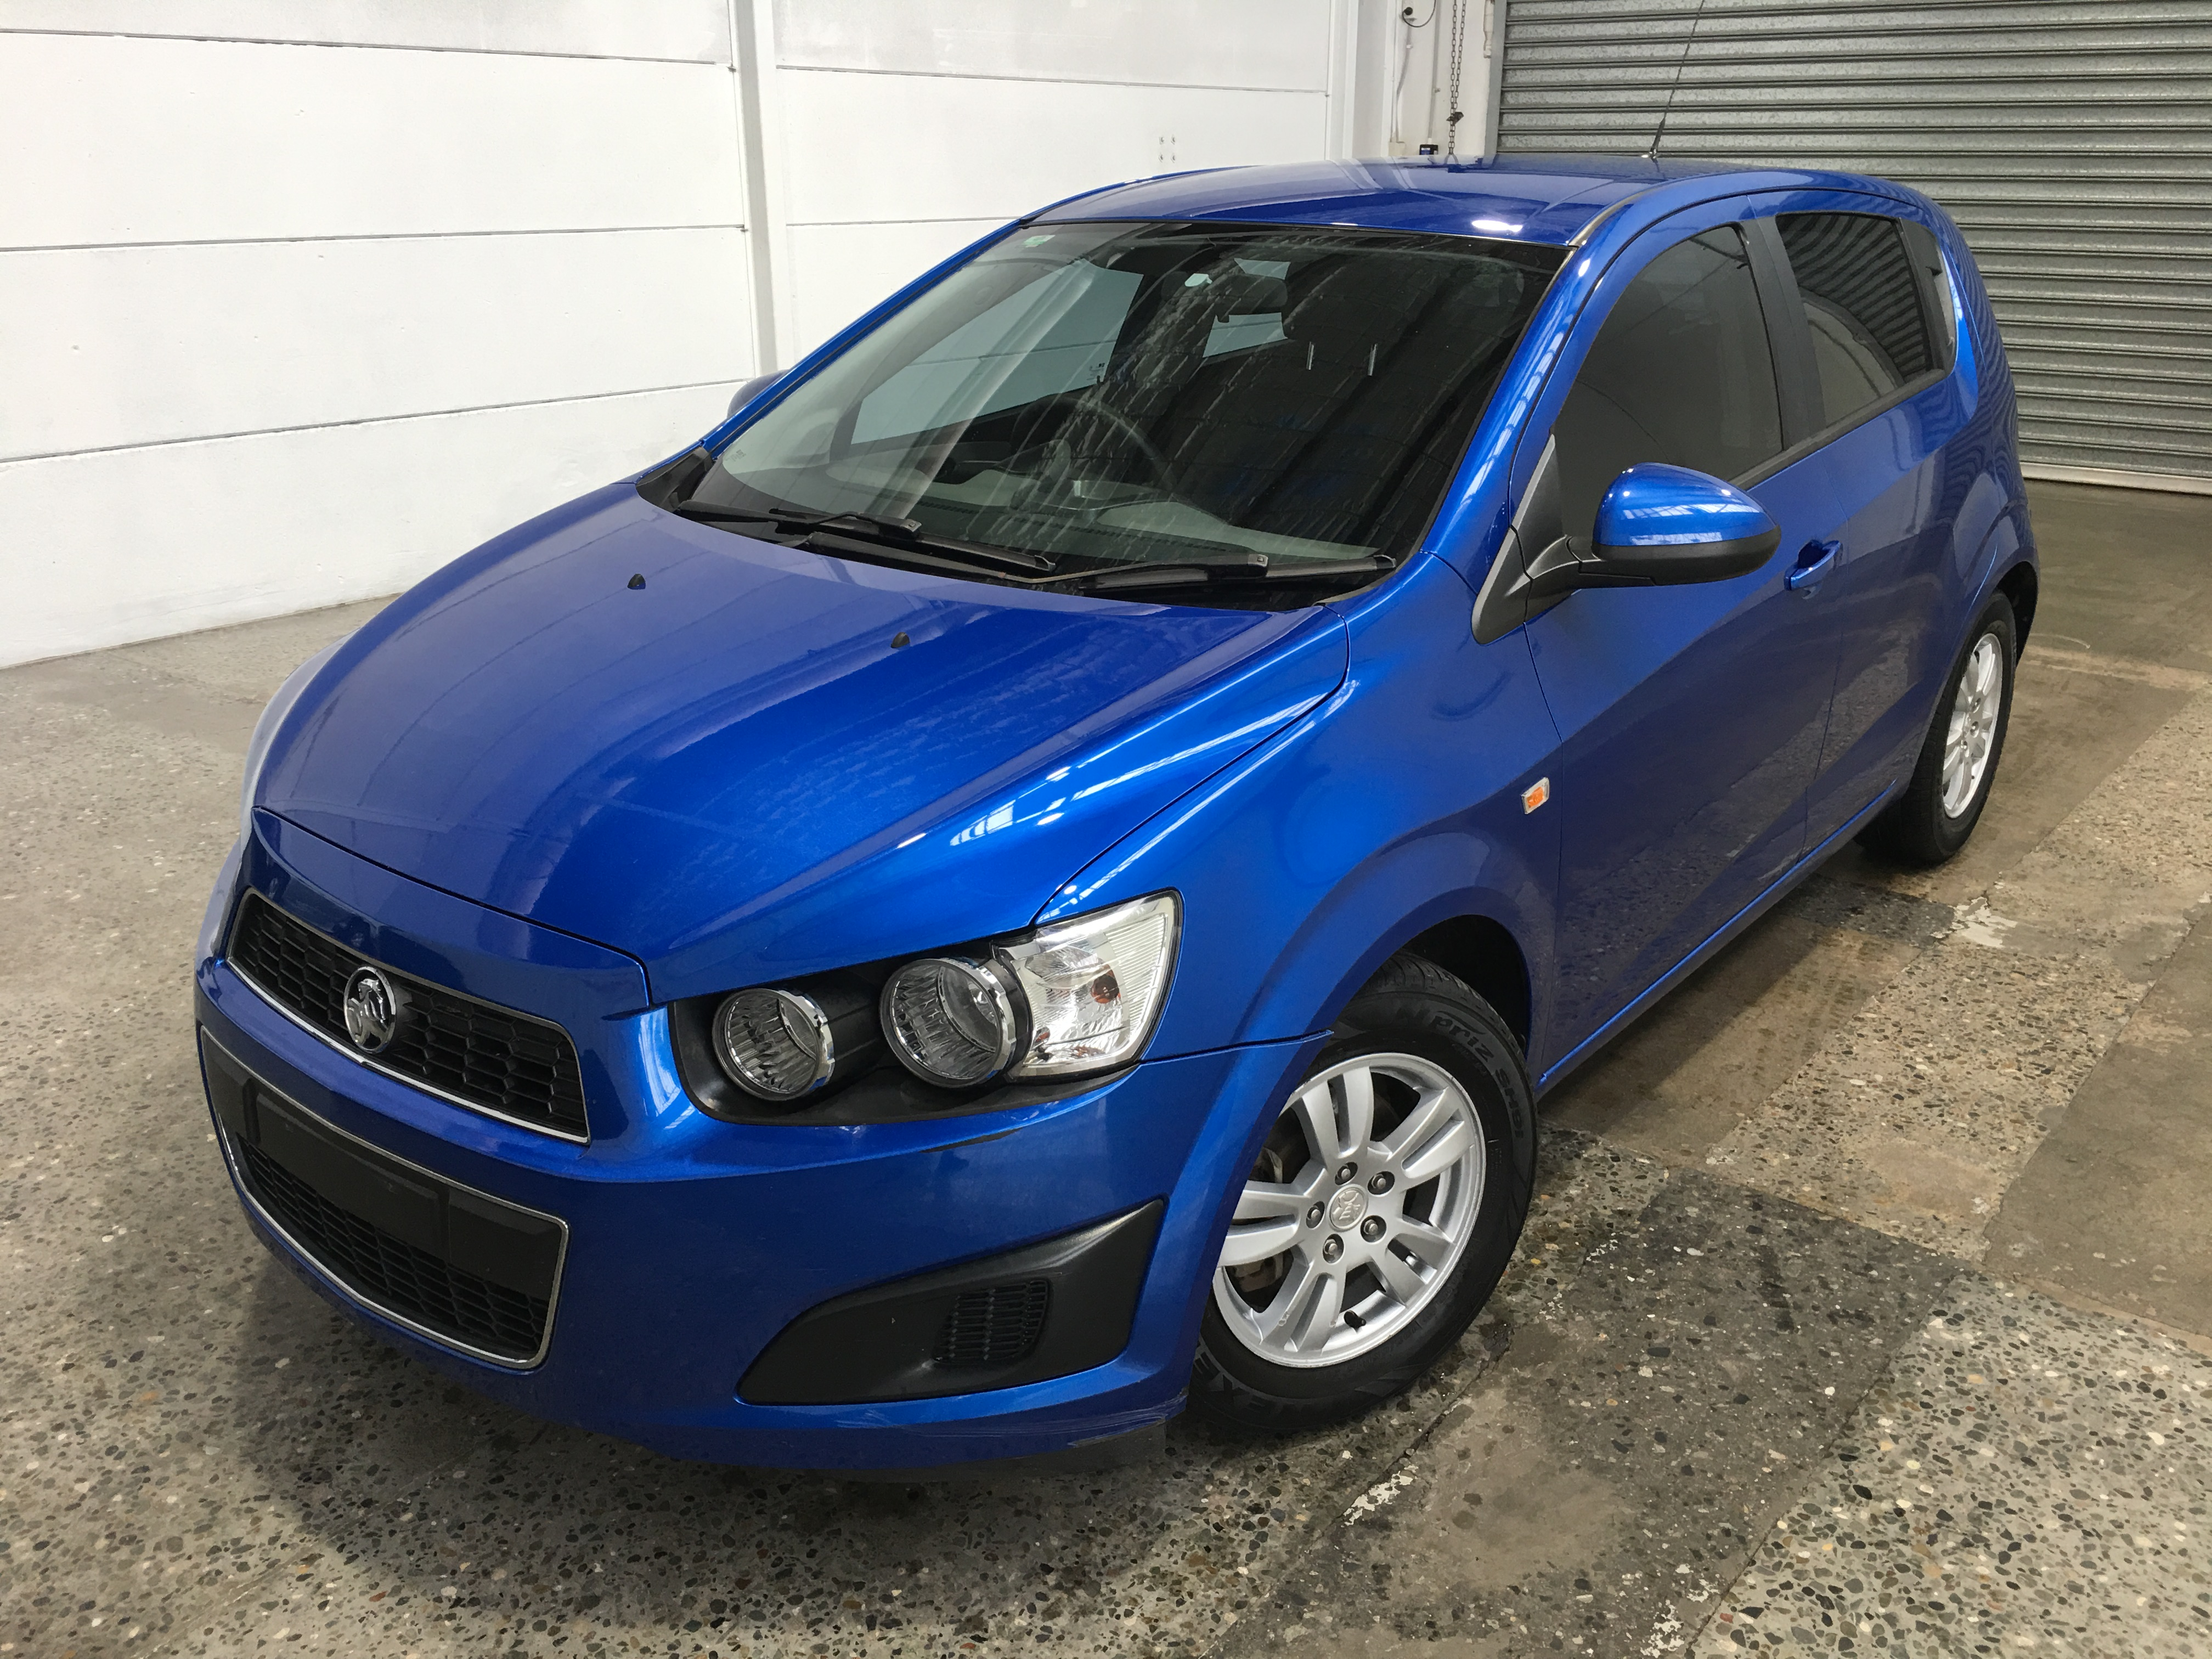 2012 Holden Barina TM Manual Hatchback